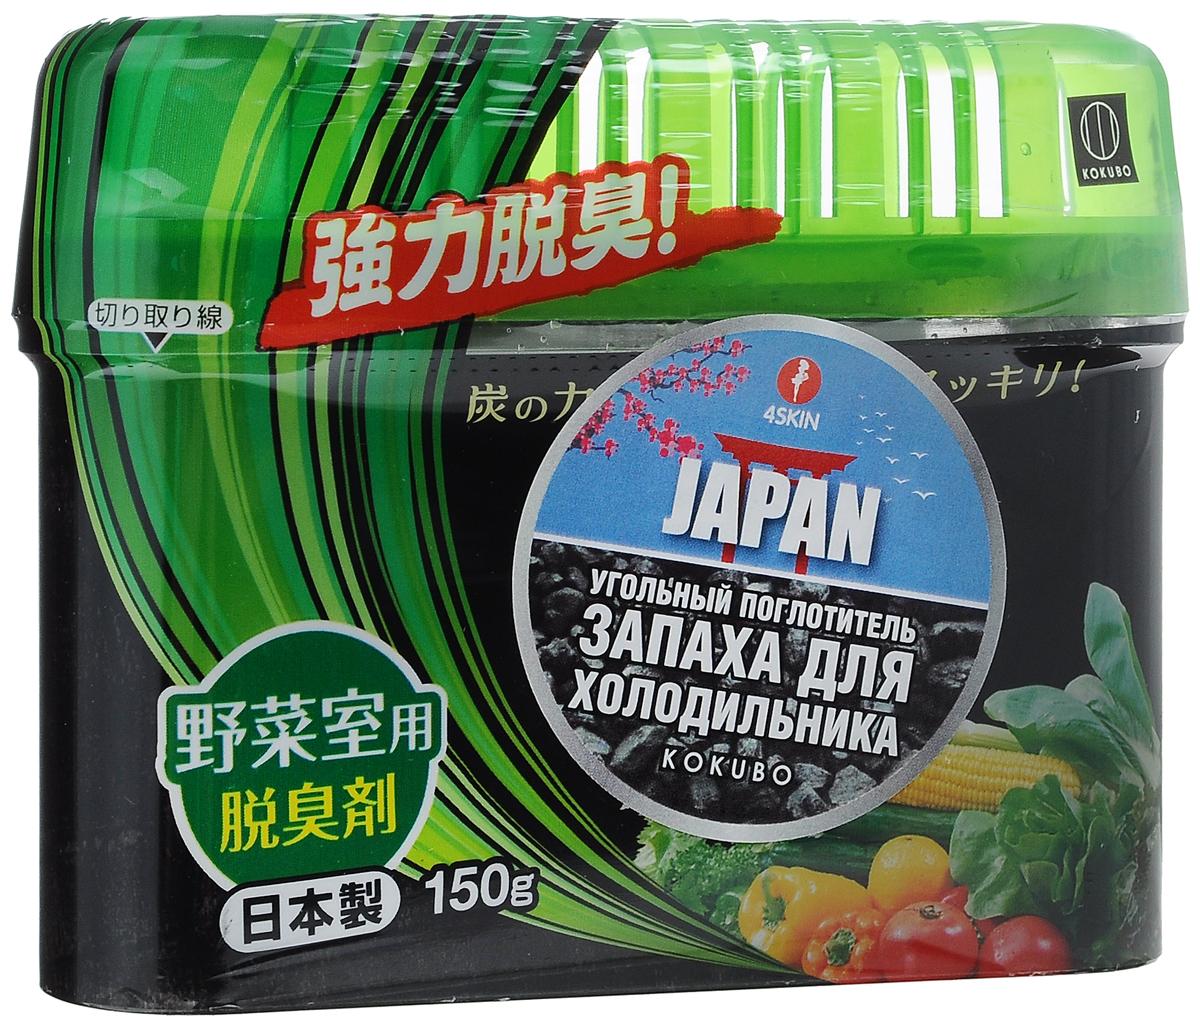 Поглотитель запаха для холодильника KOKUBO Sumi-Ban, для овощной полки, 150 г219889Поглотитель запаха для холодильника KOKUBO Sumi-Ban поглощает неприятные запахи, даже очень резкие и стойкие. Идеально подходит для использования на овощной полке холодильника. Способствует долгому сохранению свежести и вкусовых качеств продуктов в холодильнике. Содержит древесный уголь, благодаря которому обеспечивается длительный антибактериальный эффект. Продолжительность действия до 2-х месяцев при объеме холодильника до 450-ти литров. Состав: очищенная вода, гелиевый наполнитель, древесный уголь, активированный уголь. Вес: 150 г.